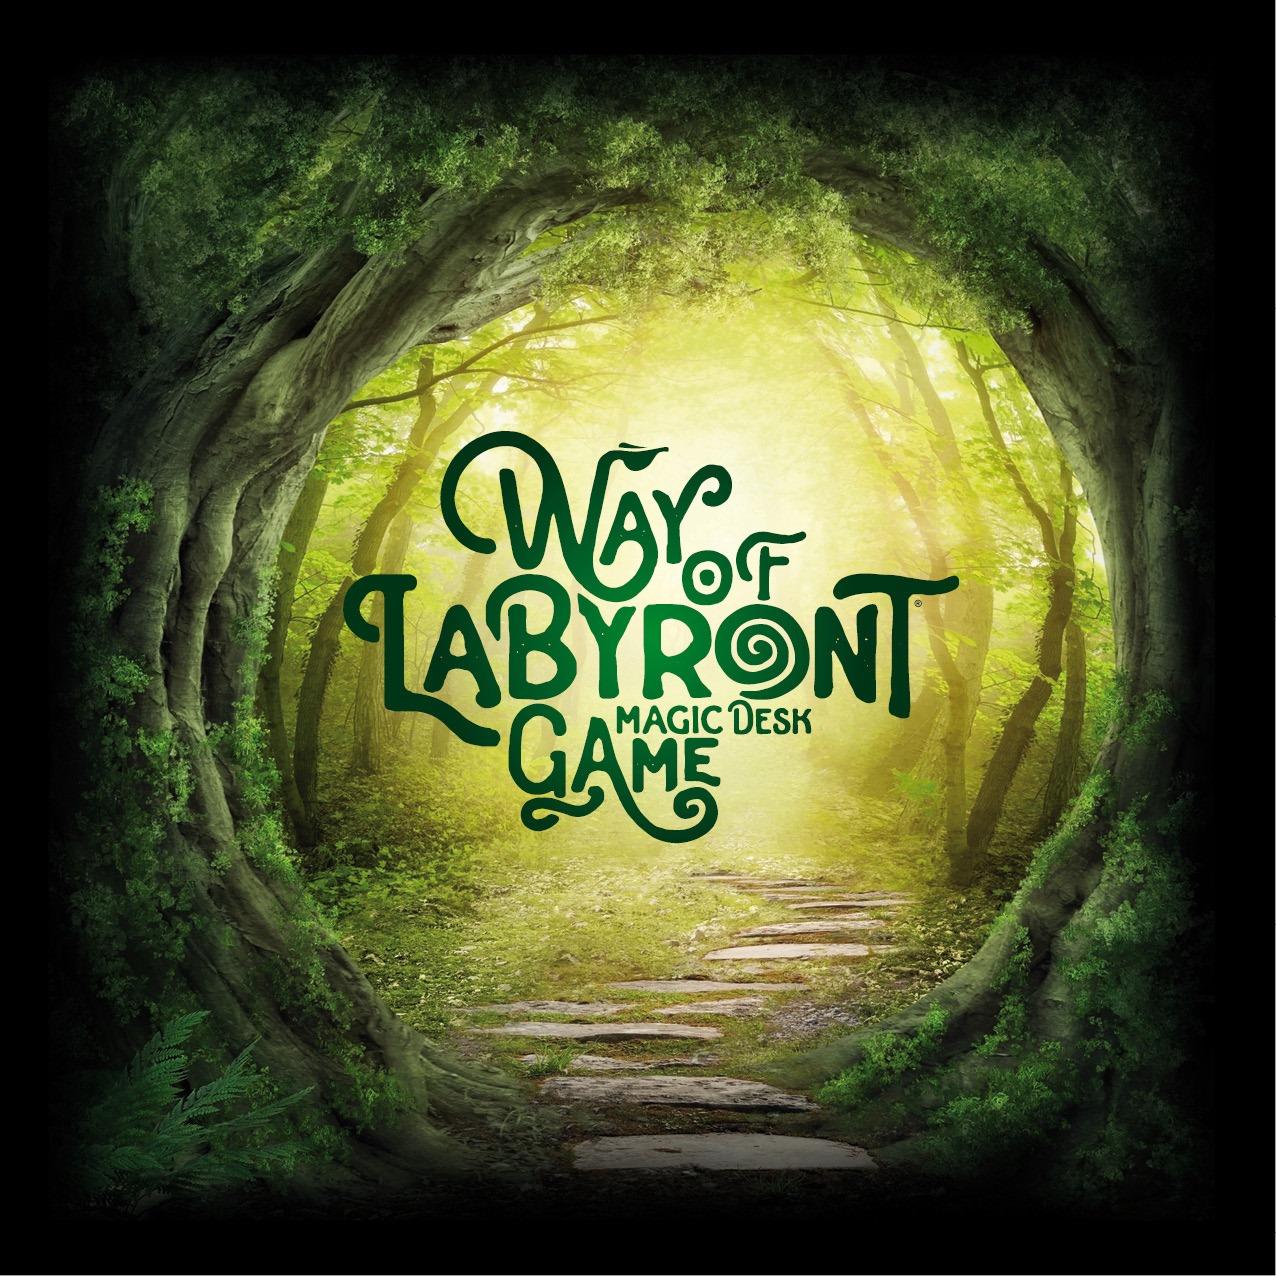 Labyront-světlo a tma